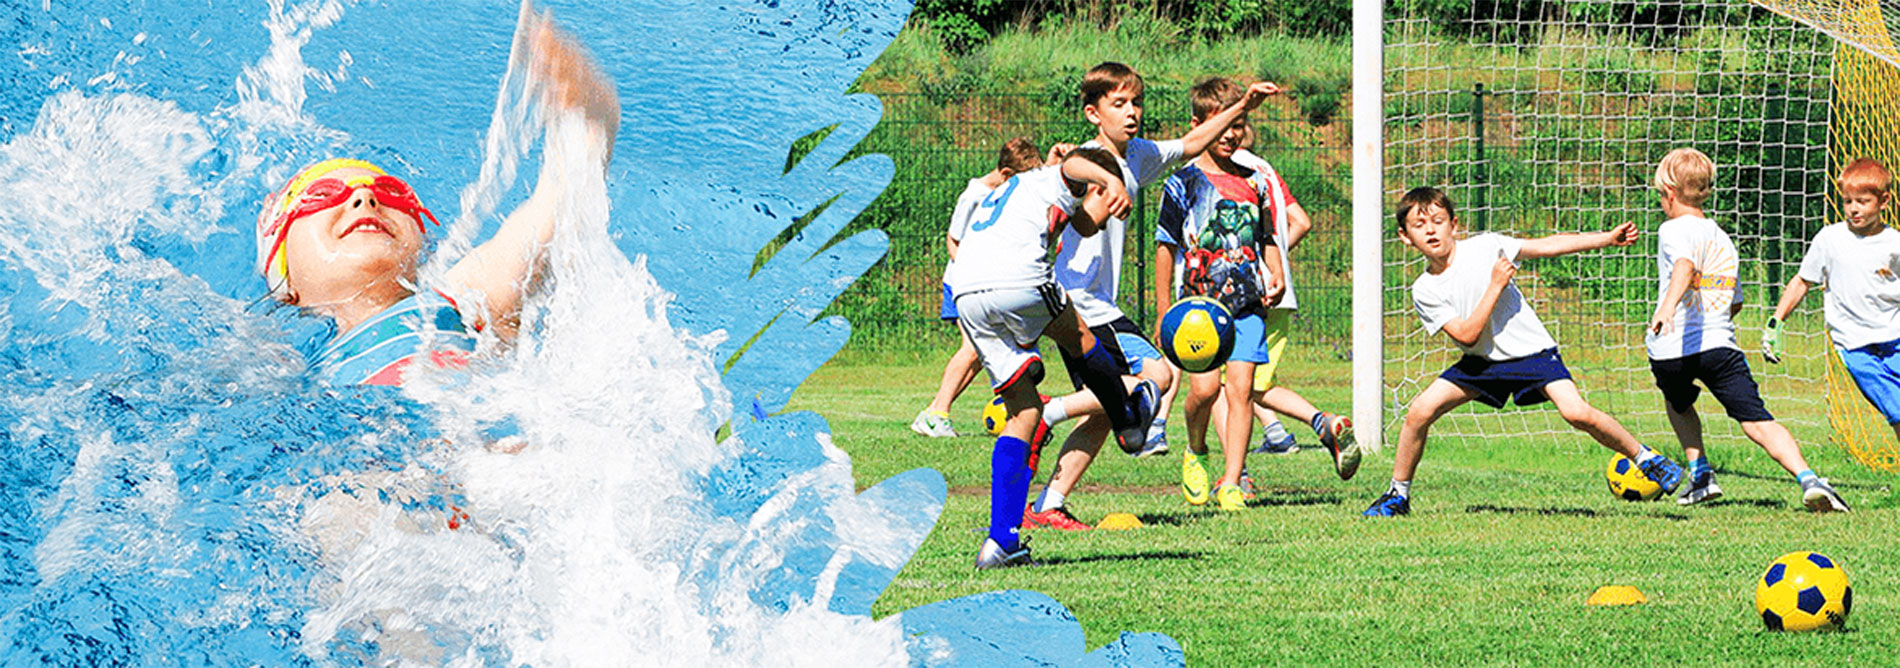 Różnorodne zajęcia sportowe